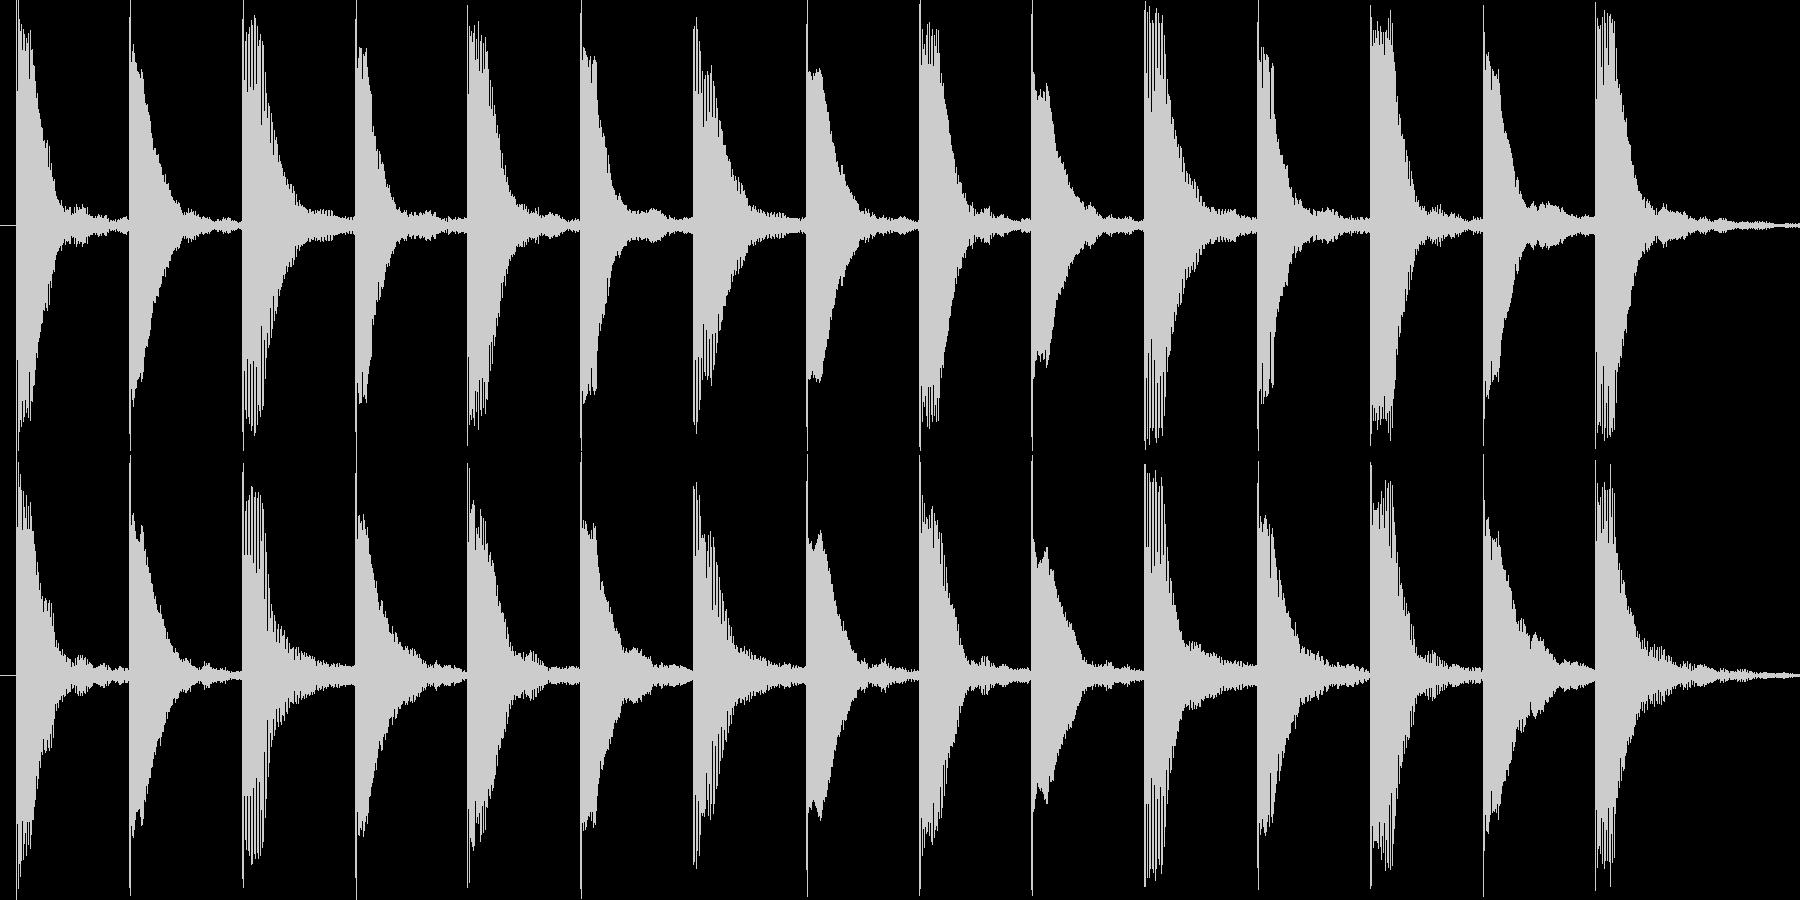 いたずらしているイメージです。の未再生の波形